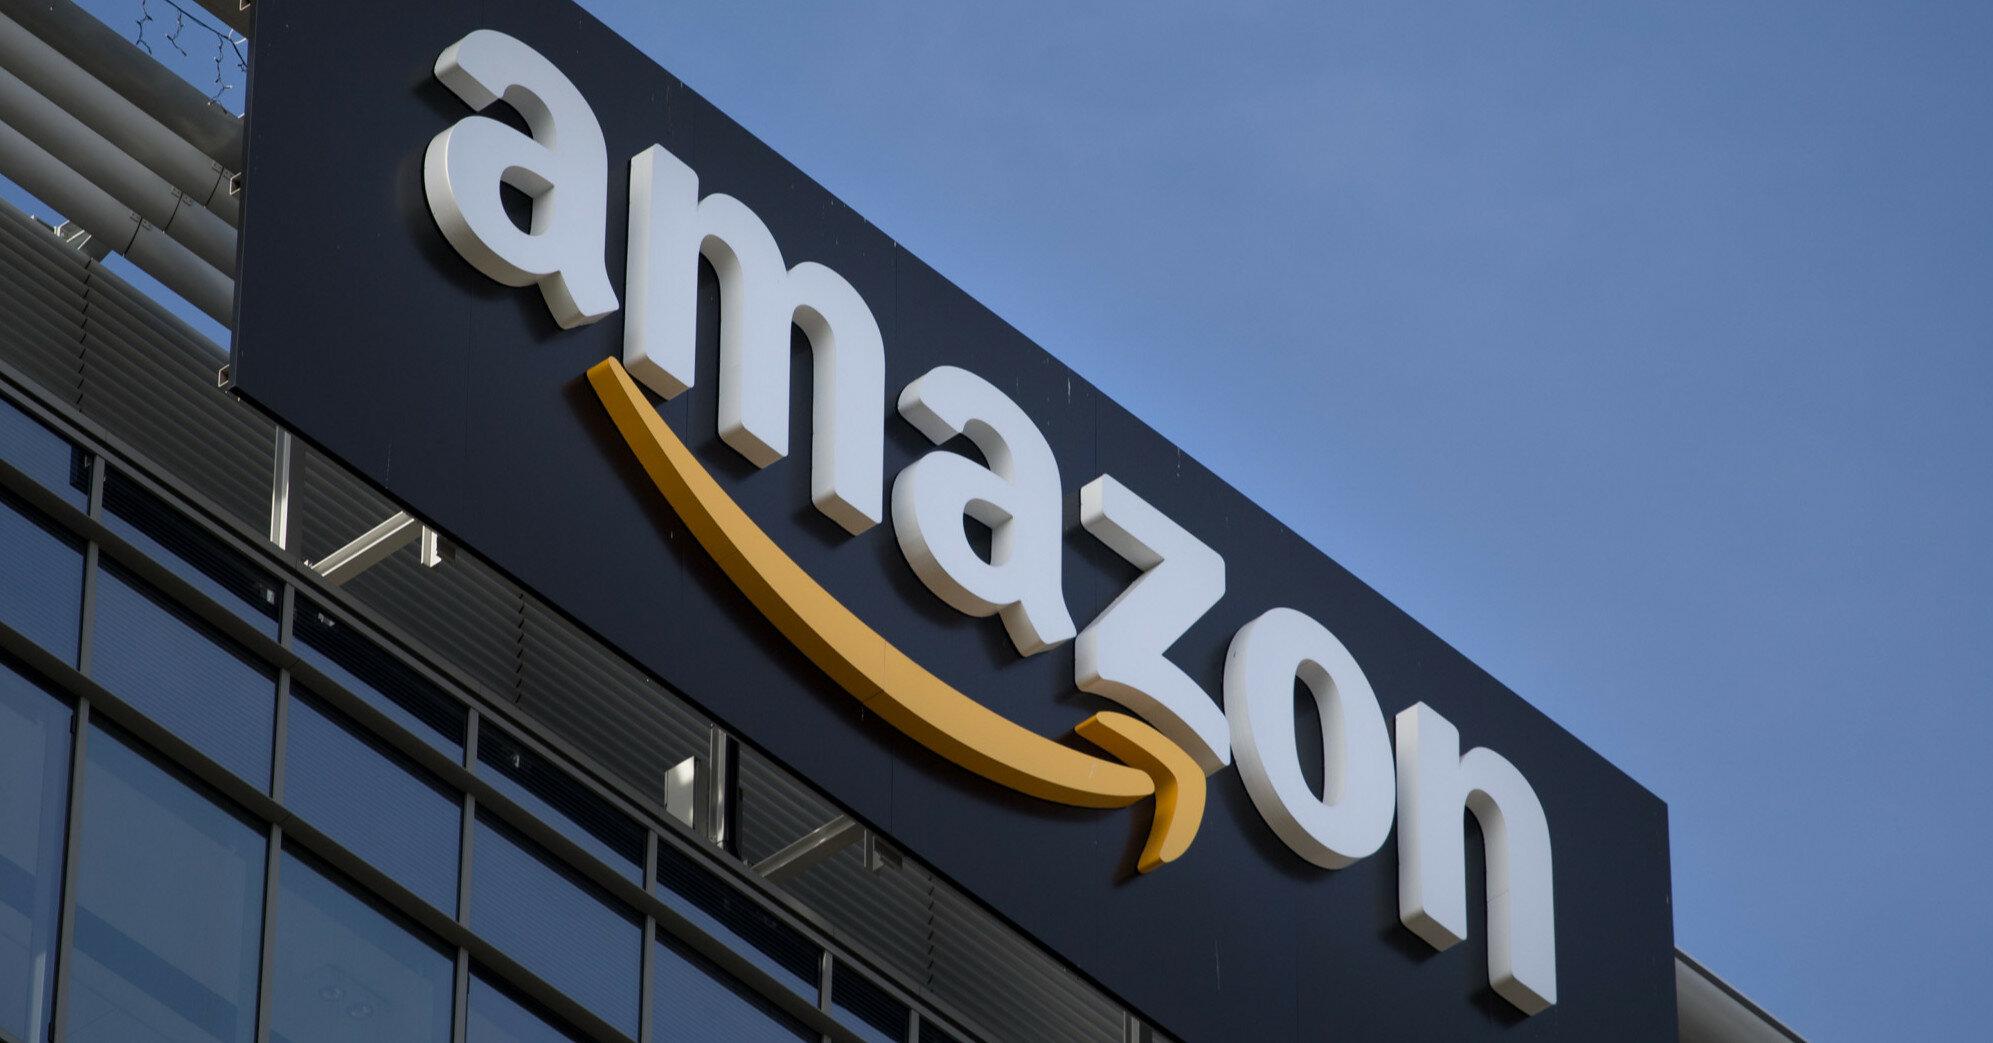 Безос покупает Бонда: зачем Amazon приобрела MGM